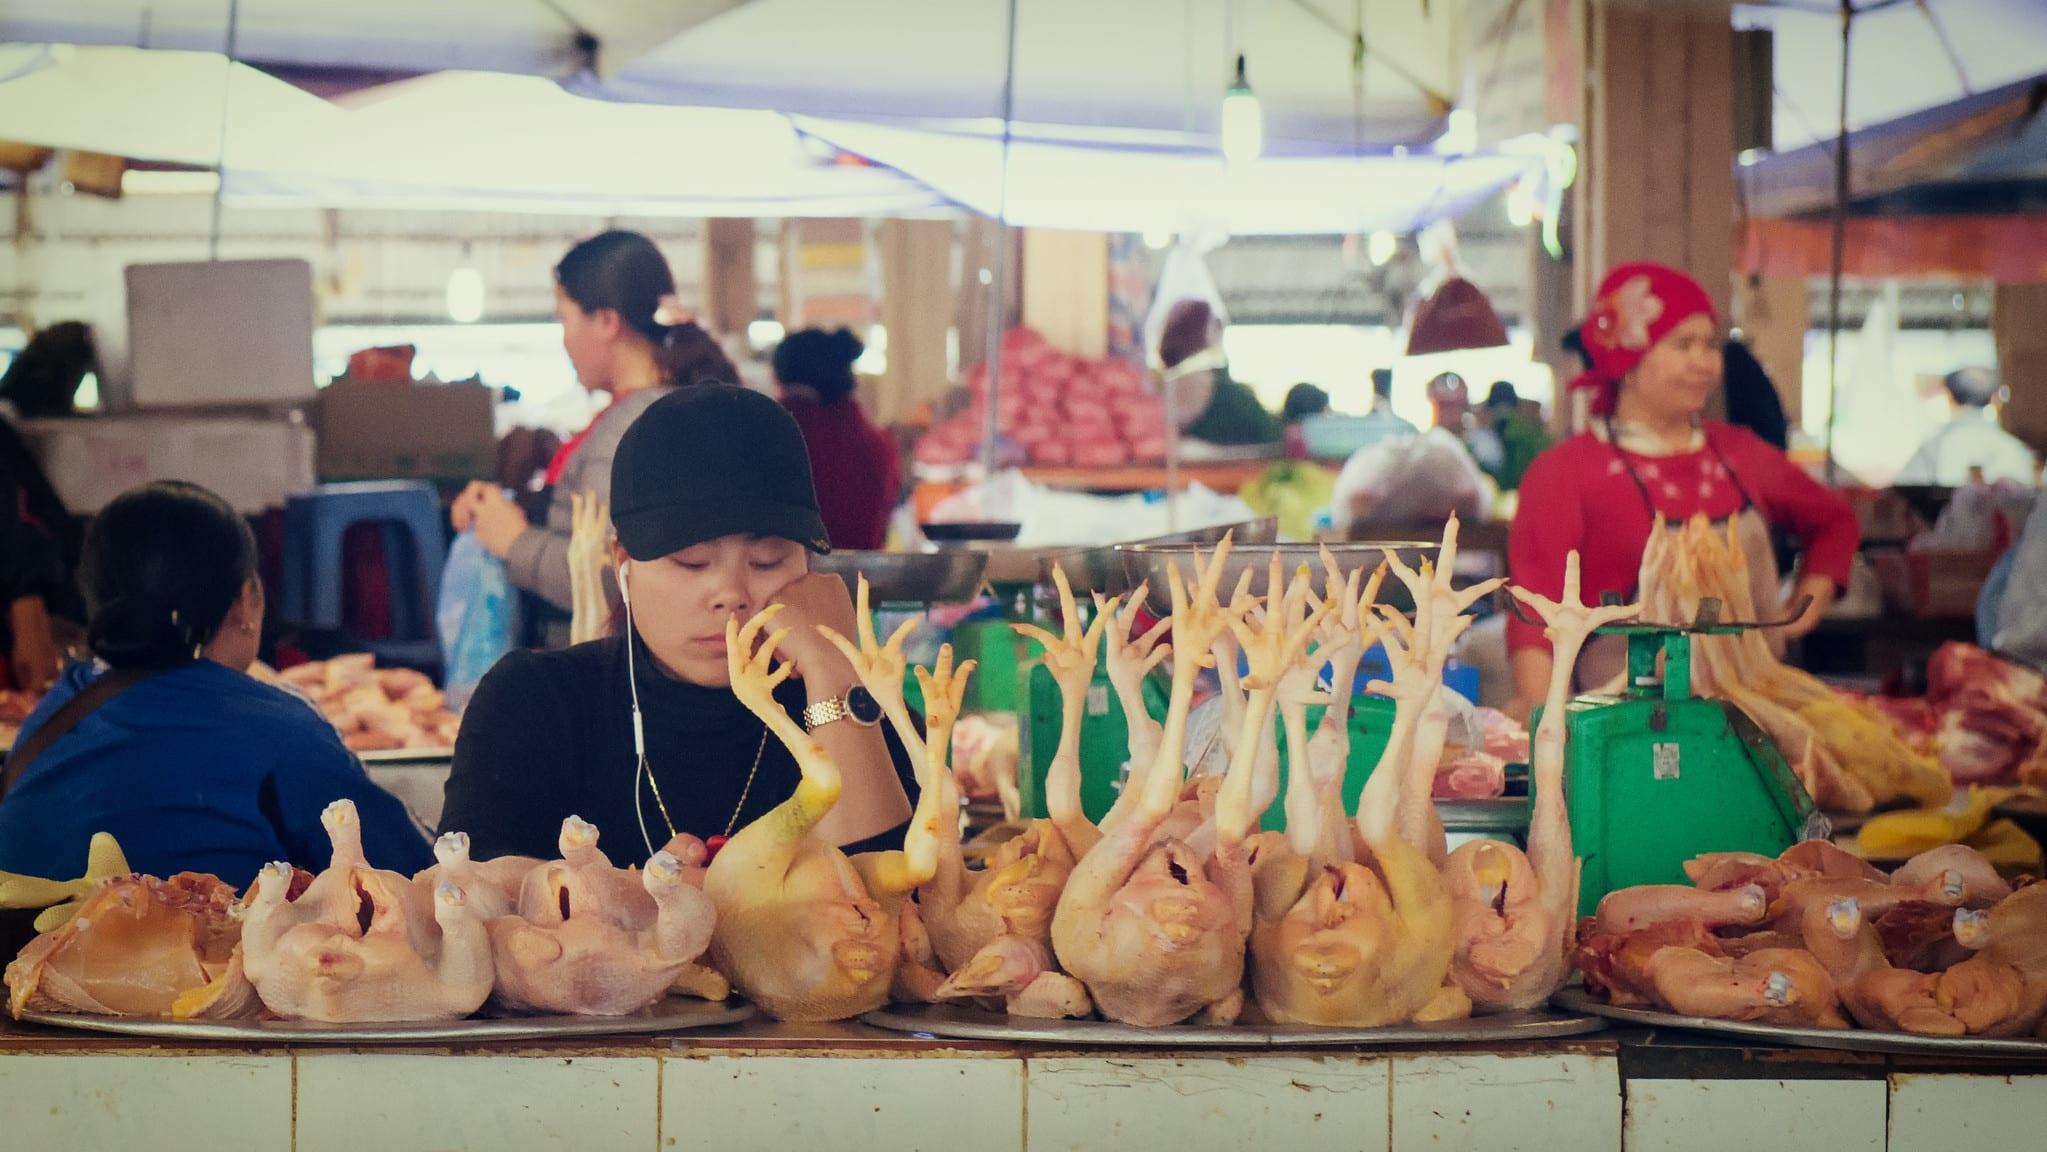 Image of a chicken vendor in Sapa, Vietnam